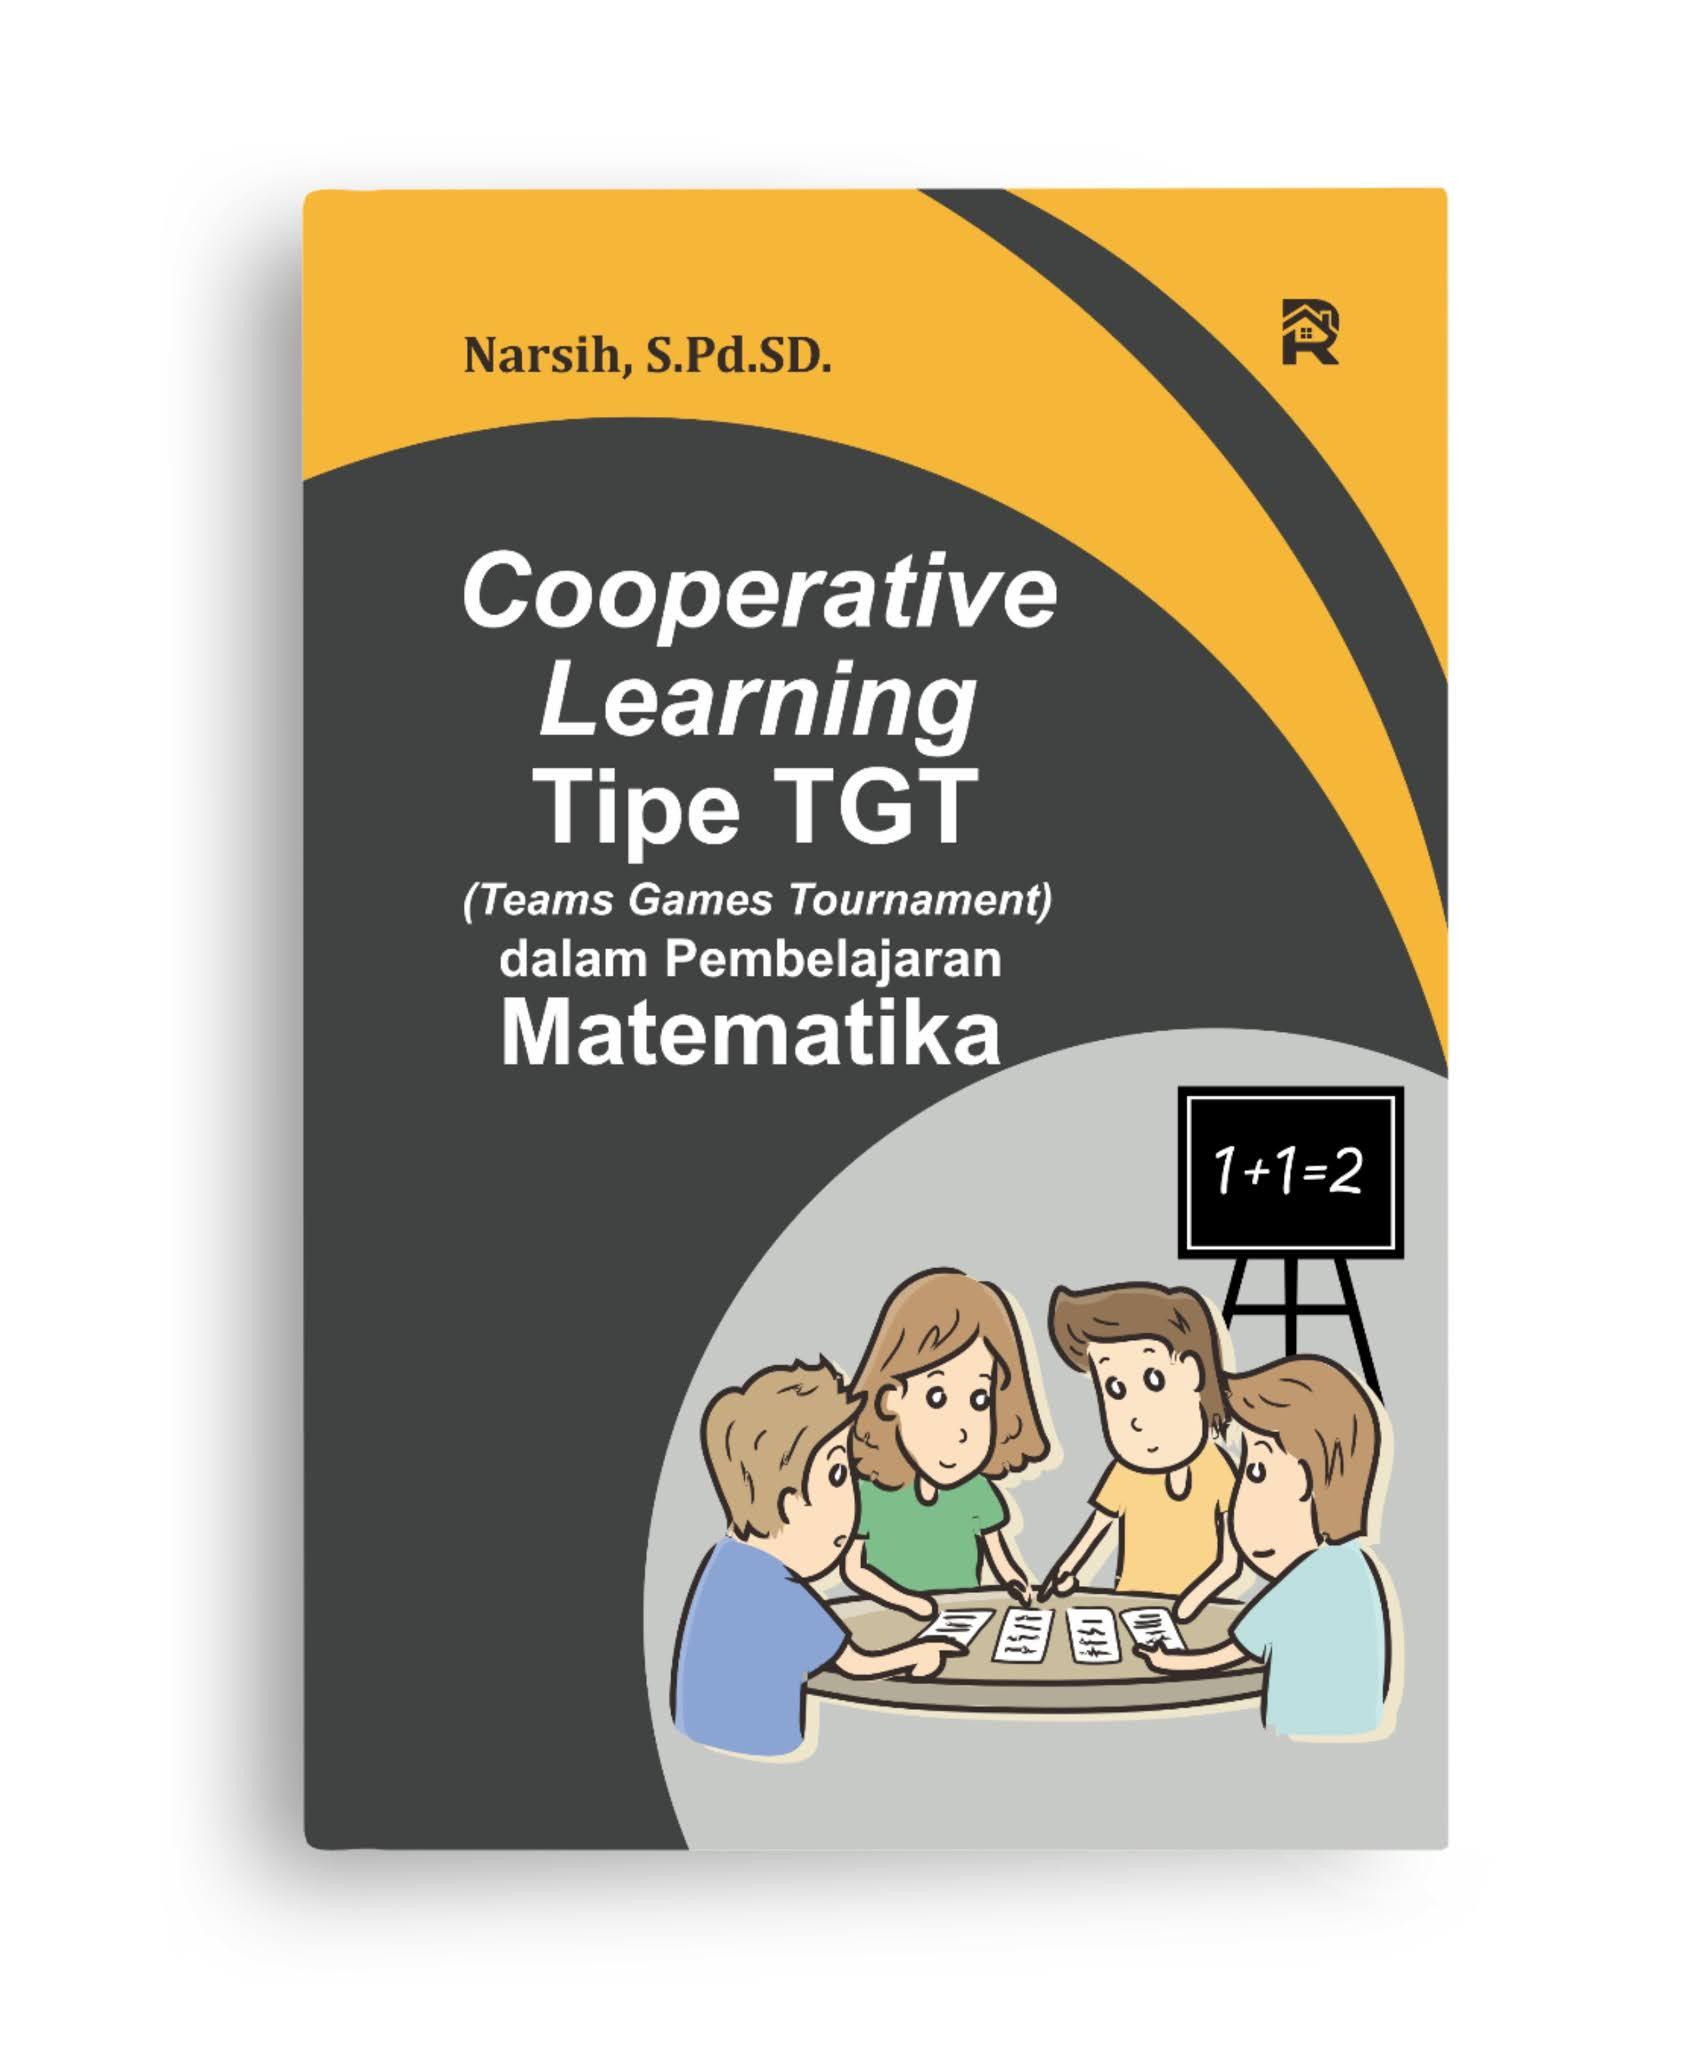 Cooperative Learning Tipe TGT (Teams Games Tournament) dalam Pembelajaran Matematika